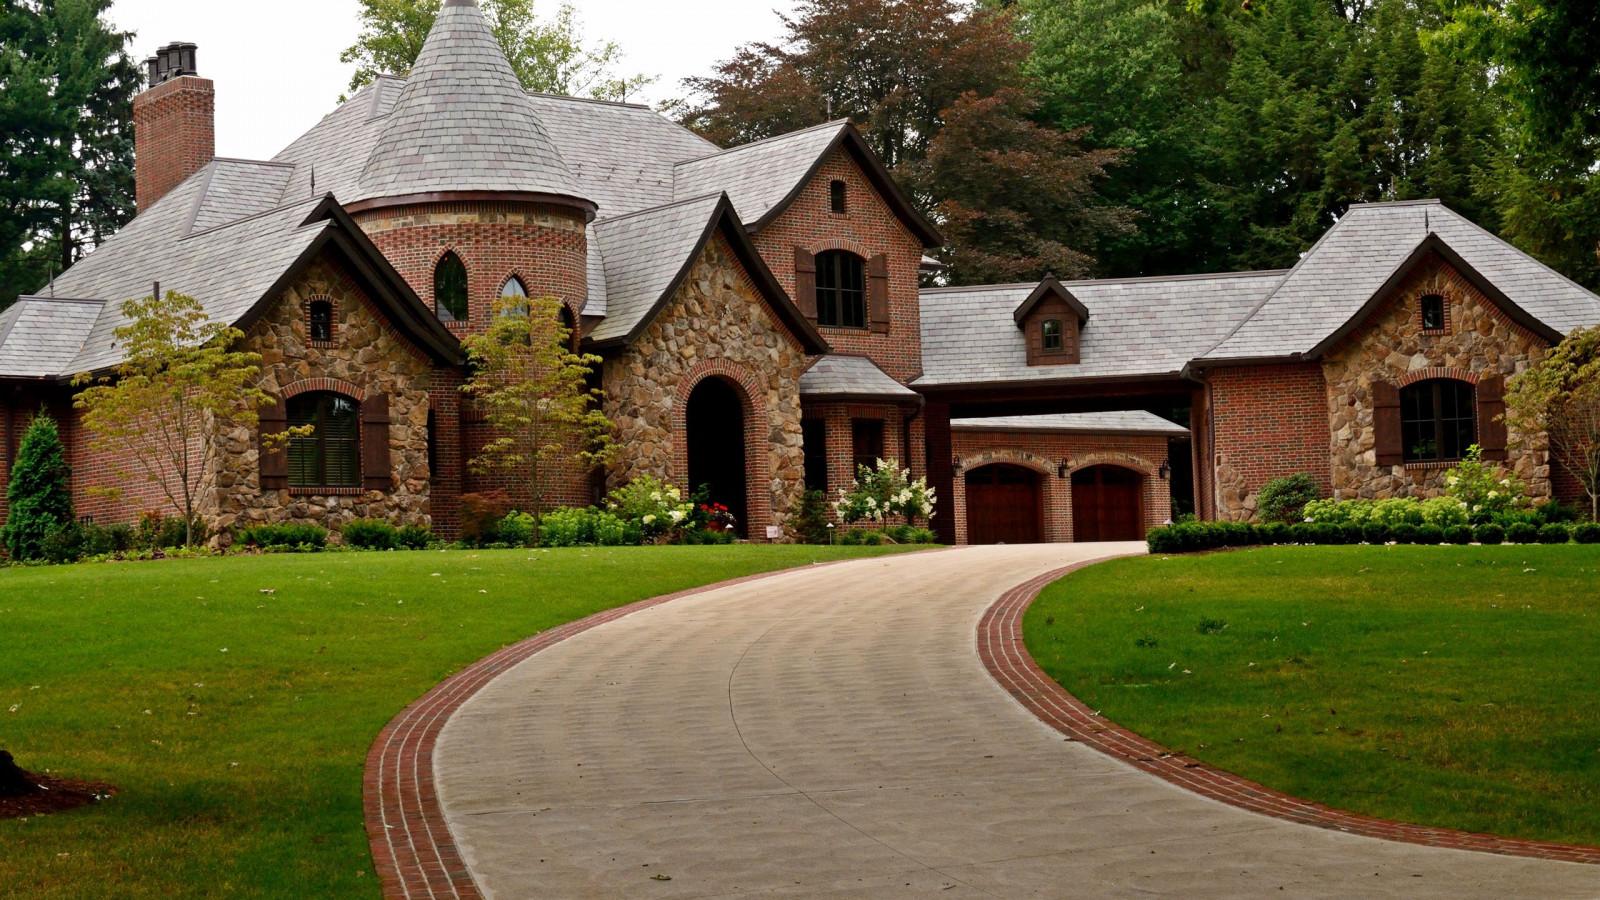 Fondos de pantalla arquitectura edificio pueblo for Casa rural mansion terraplen seis